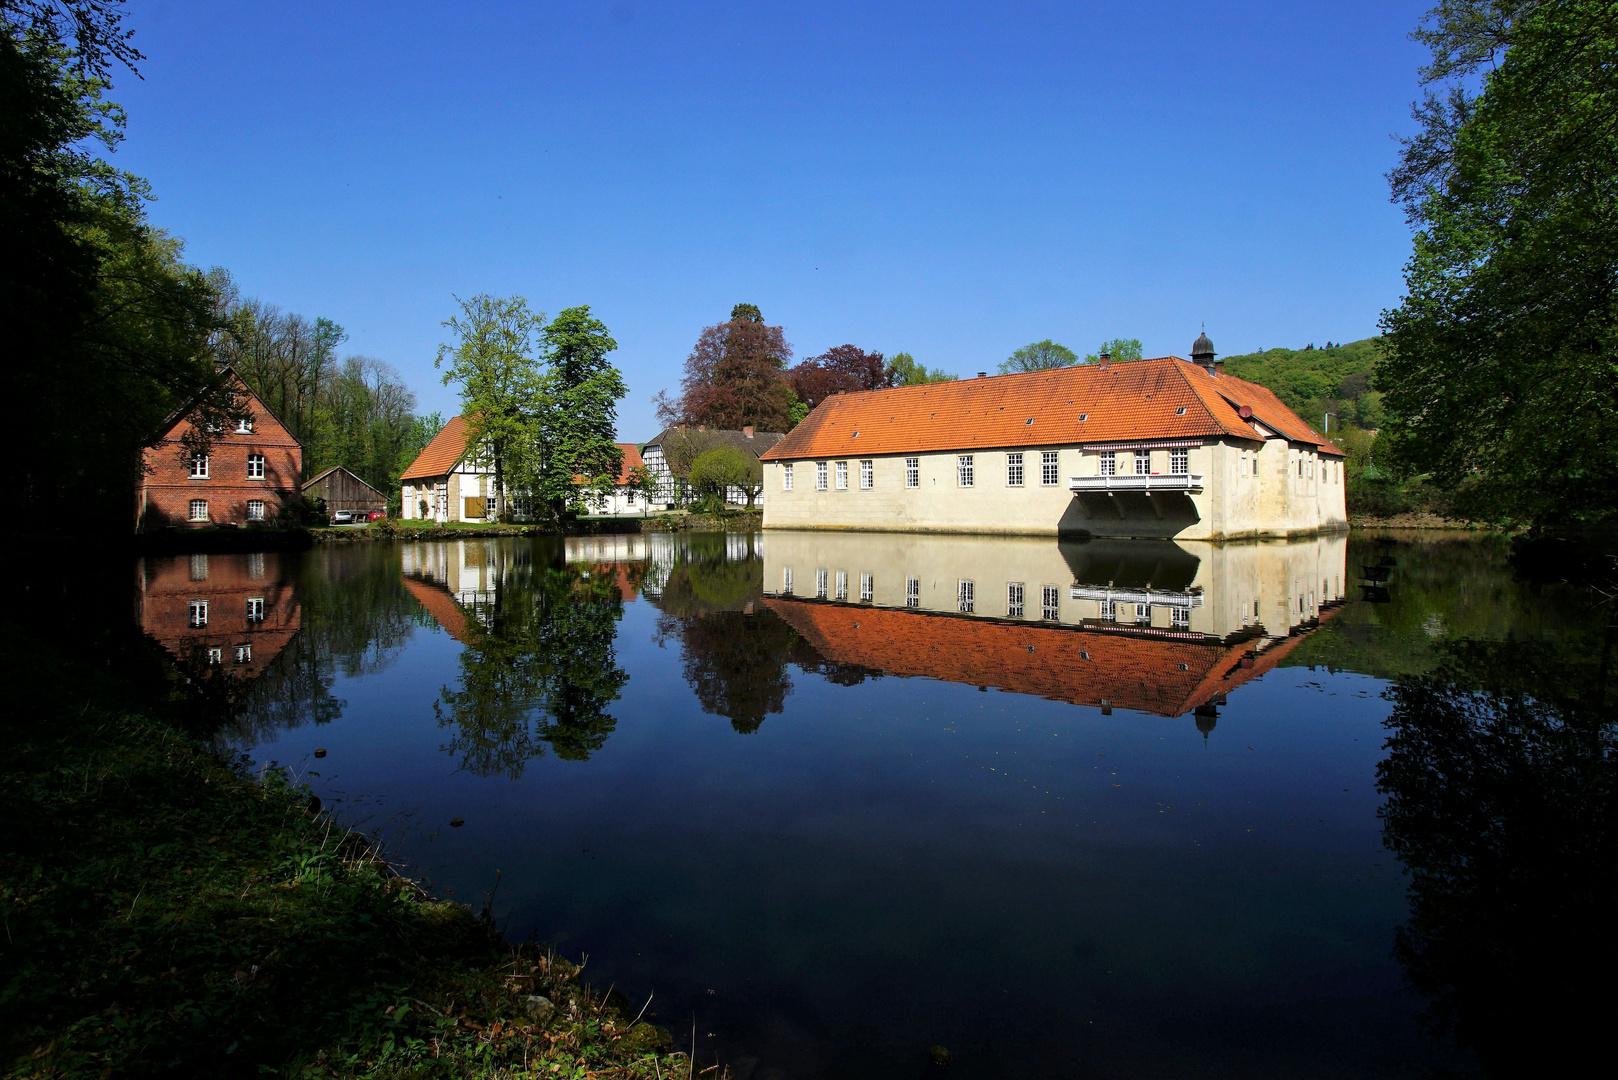 Wasserschloss Haus Marck in Tecklenburg Foto & Bild